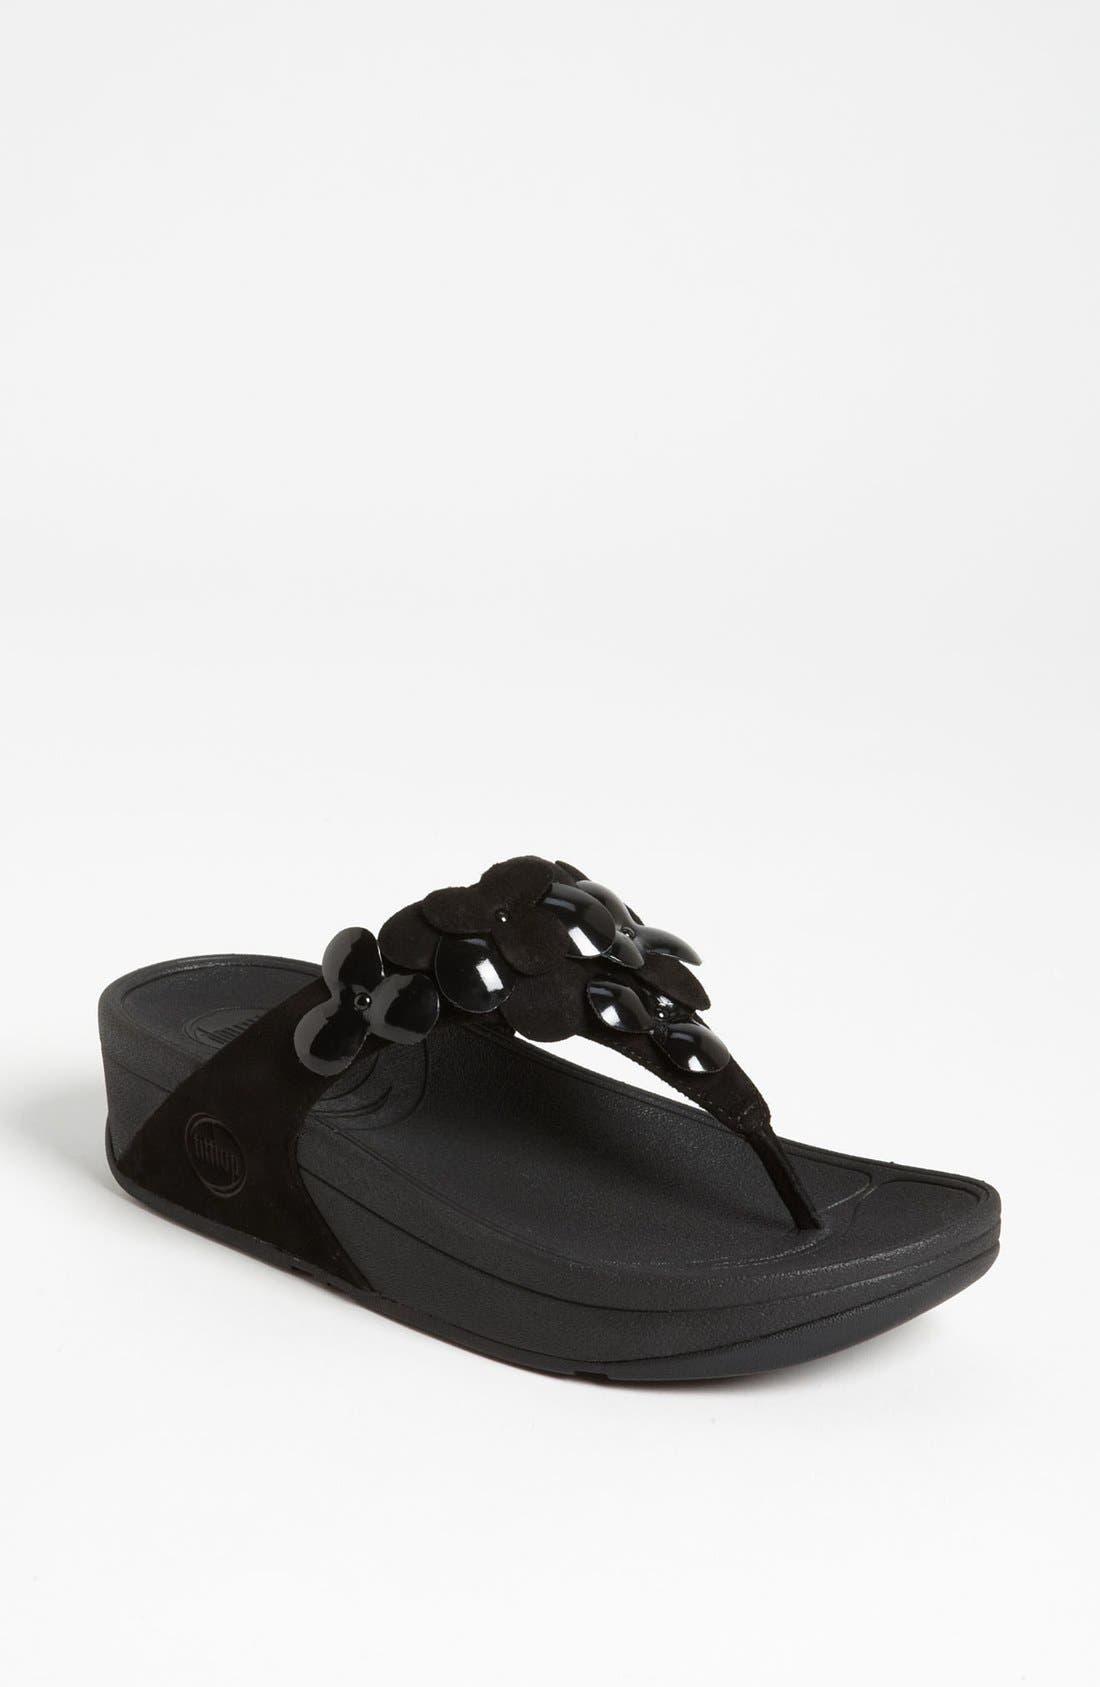 Alternate Image 1 Selected - FitFlop 'Fleur' Sandal